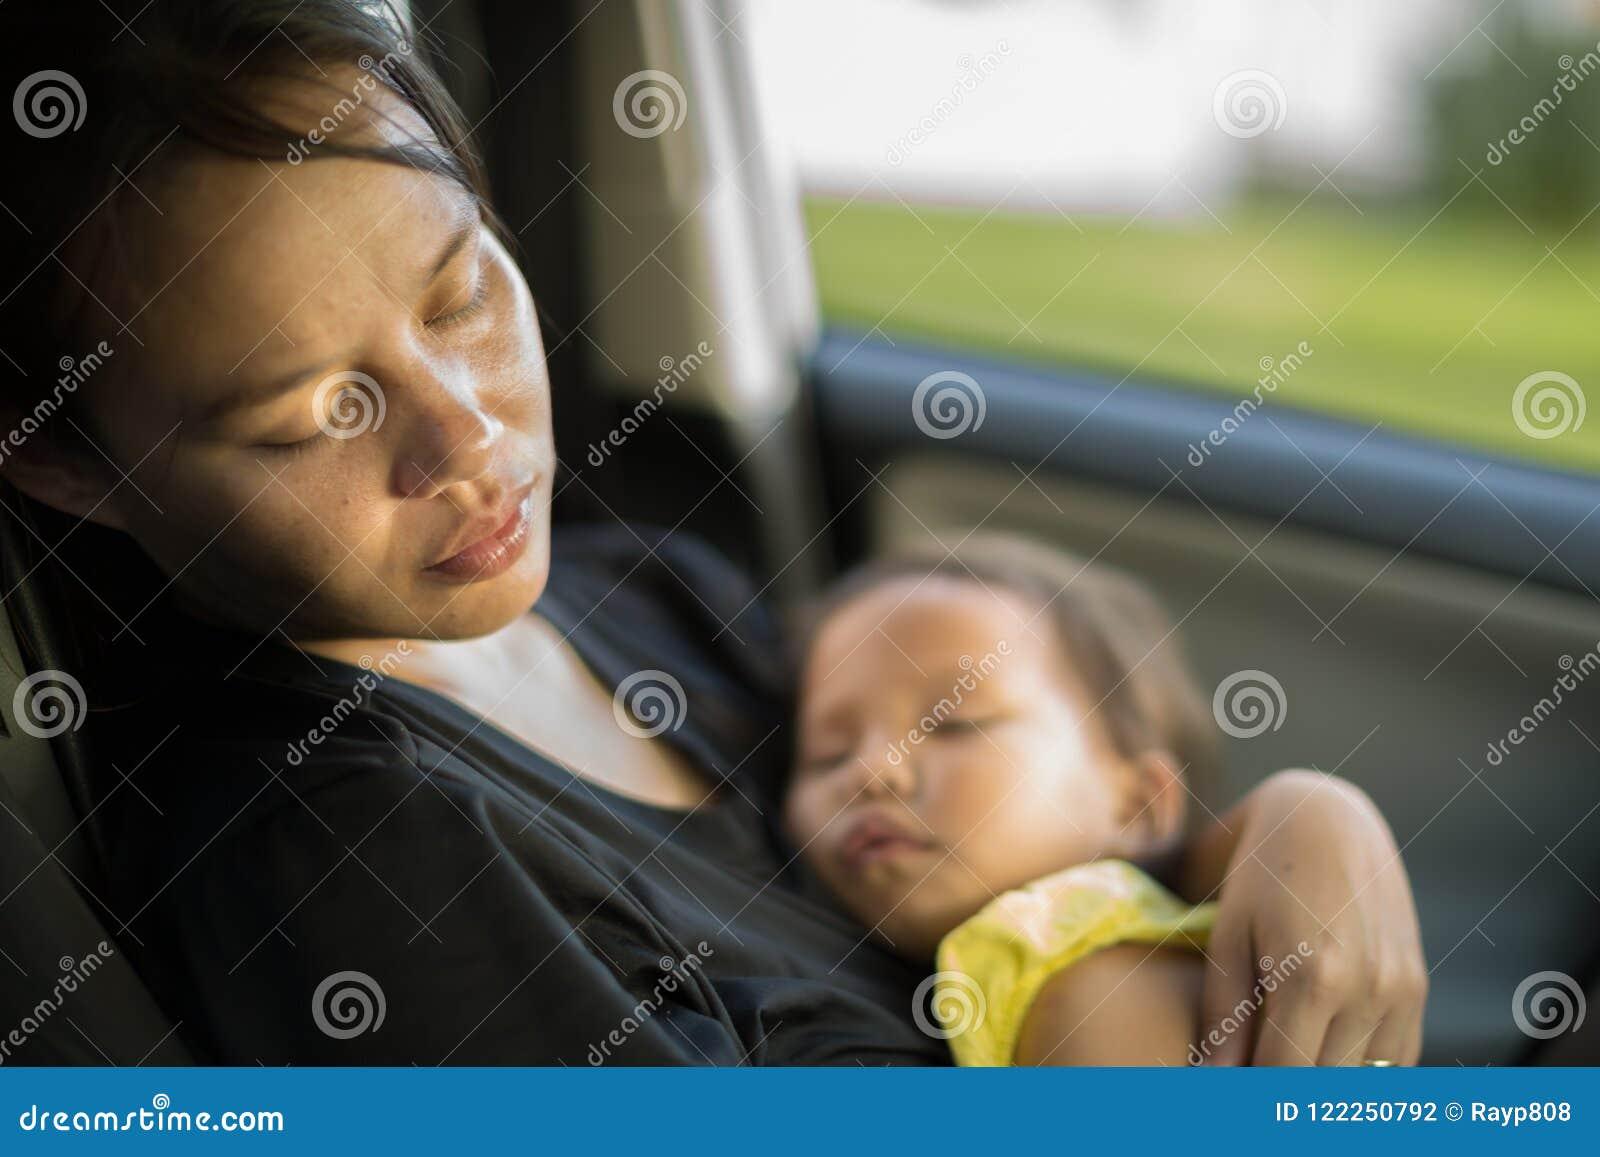 Mère fatiguée et épuisée prenant soin de son bébé Dépression de Postpardum